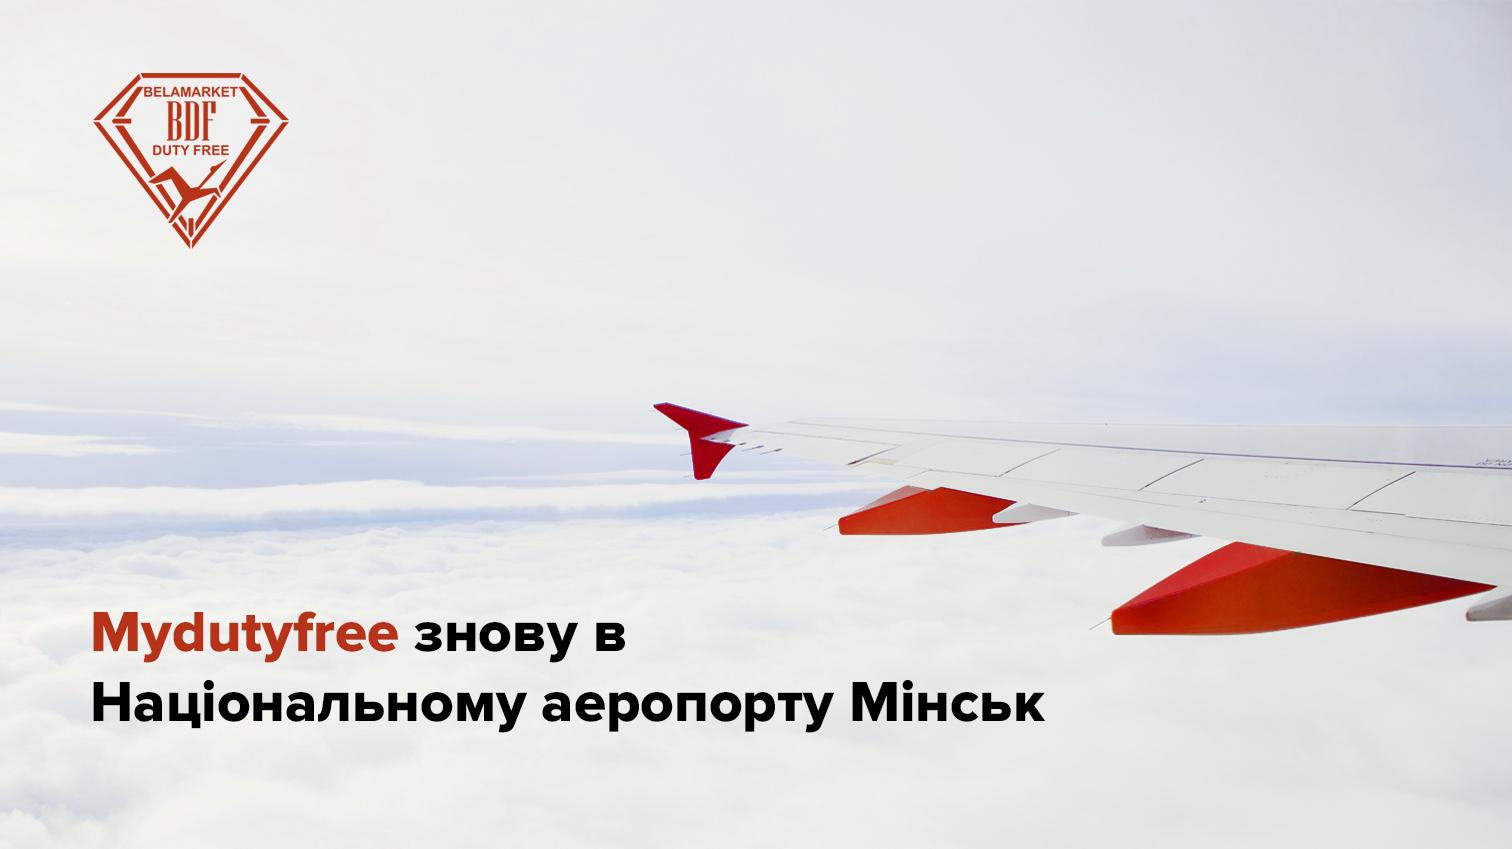 Myfutyfree Minsk